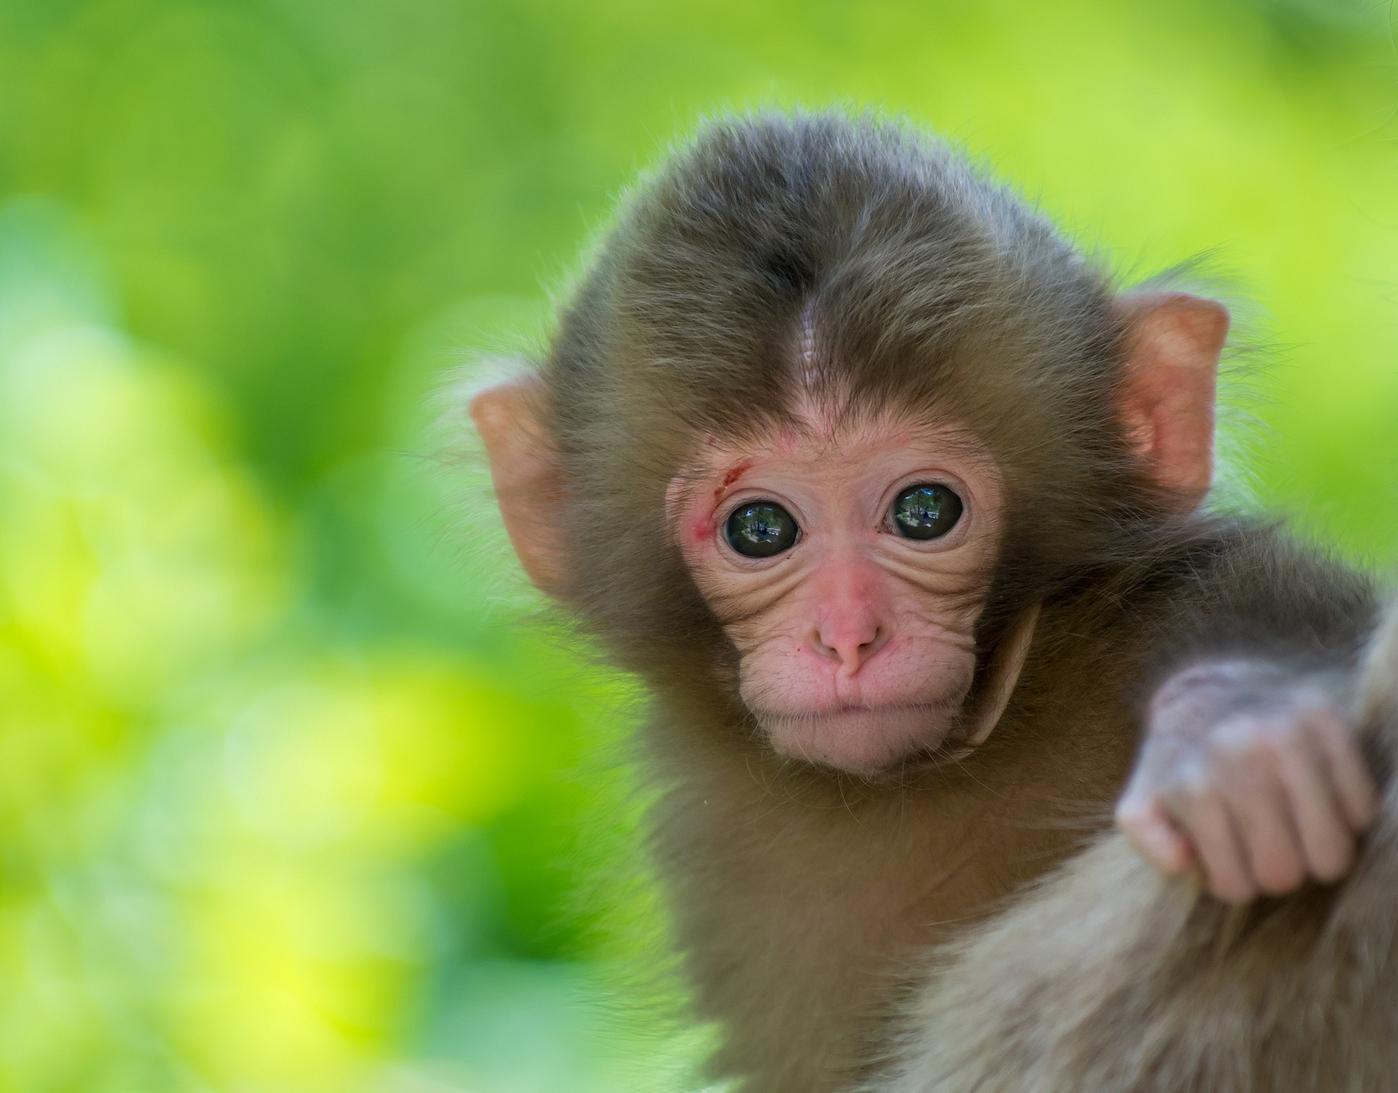 Ông vua nọ có con khỉ mà ông ta quý hơn tất cả mọi thứ trên đời. Khỉ luôn luôn có mặt bên cạnh nhà vua.